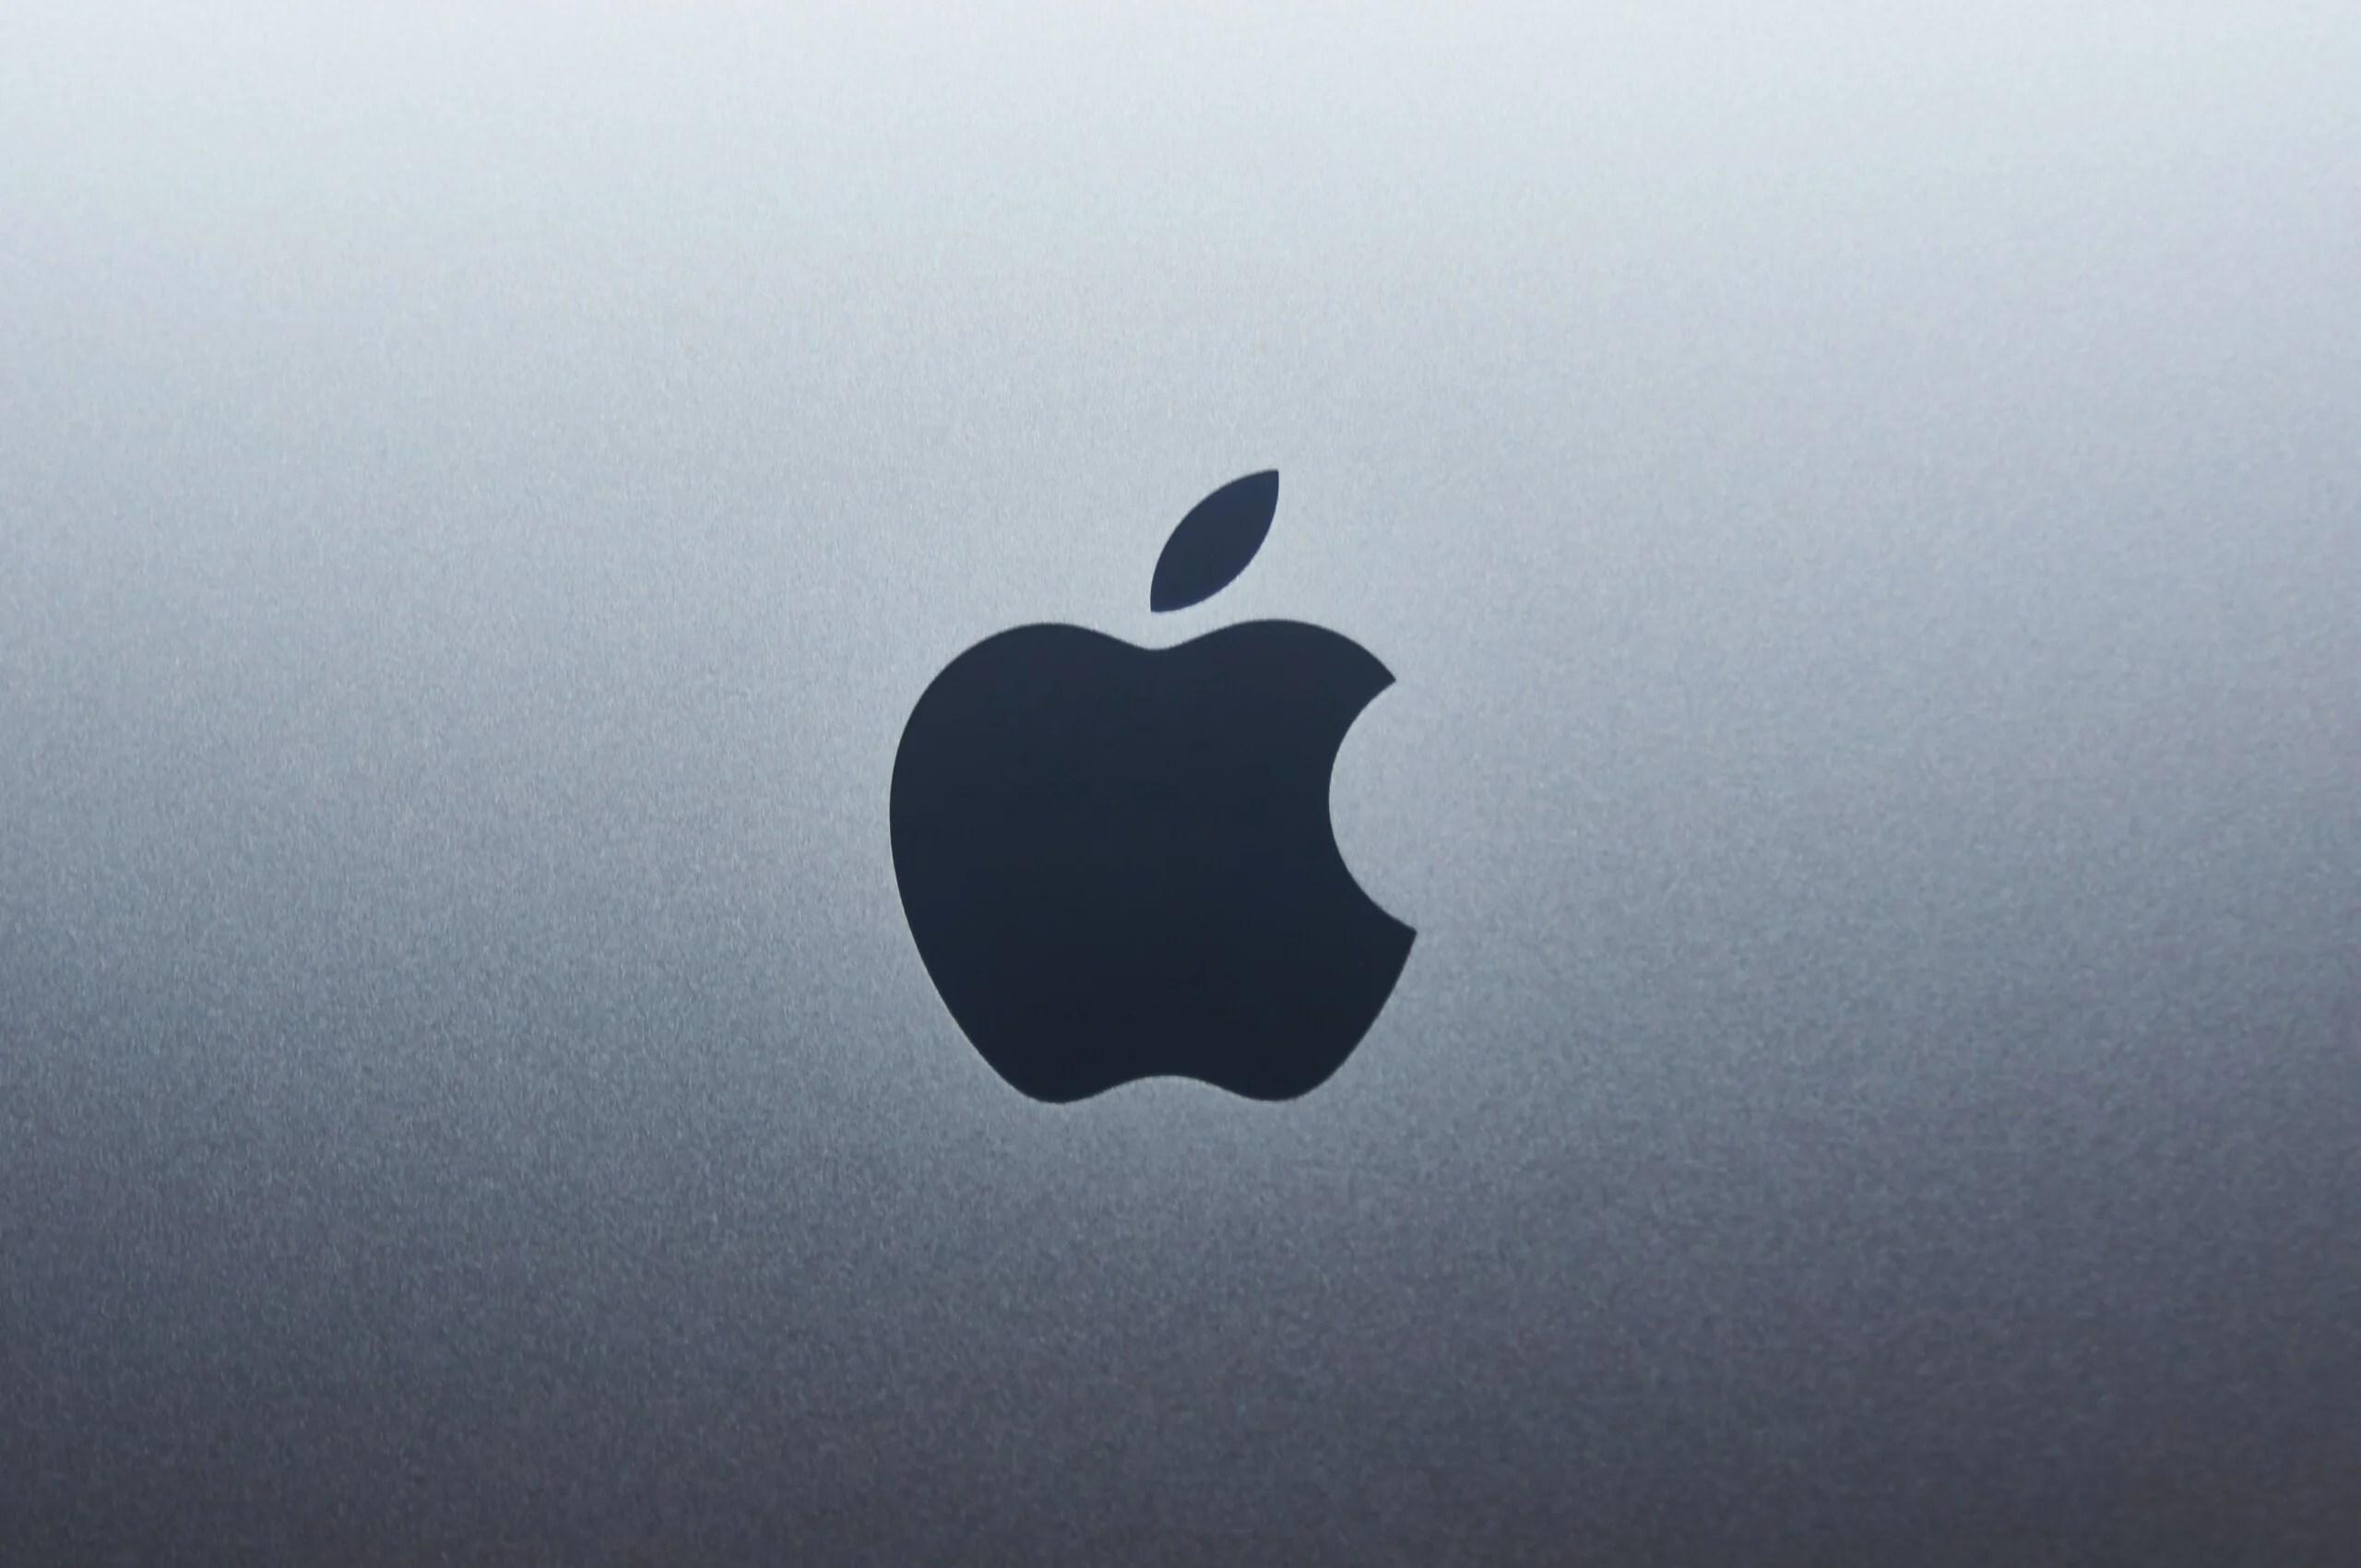 Apple renvoie l'ingénieure Ashley Gjøvik: elle se plaignait de harcèlement sexuel et d'intimidation